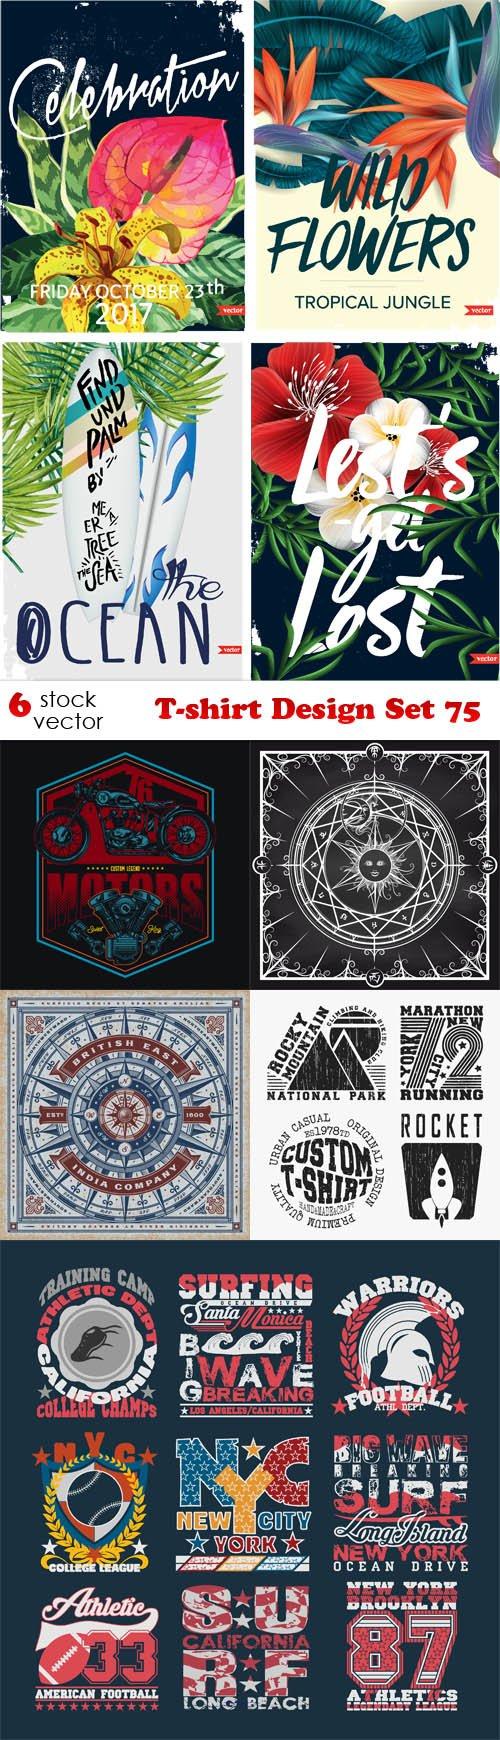 Vectors - T-shirt Design Set 75